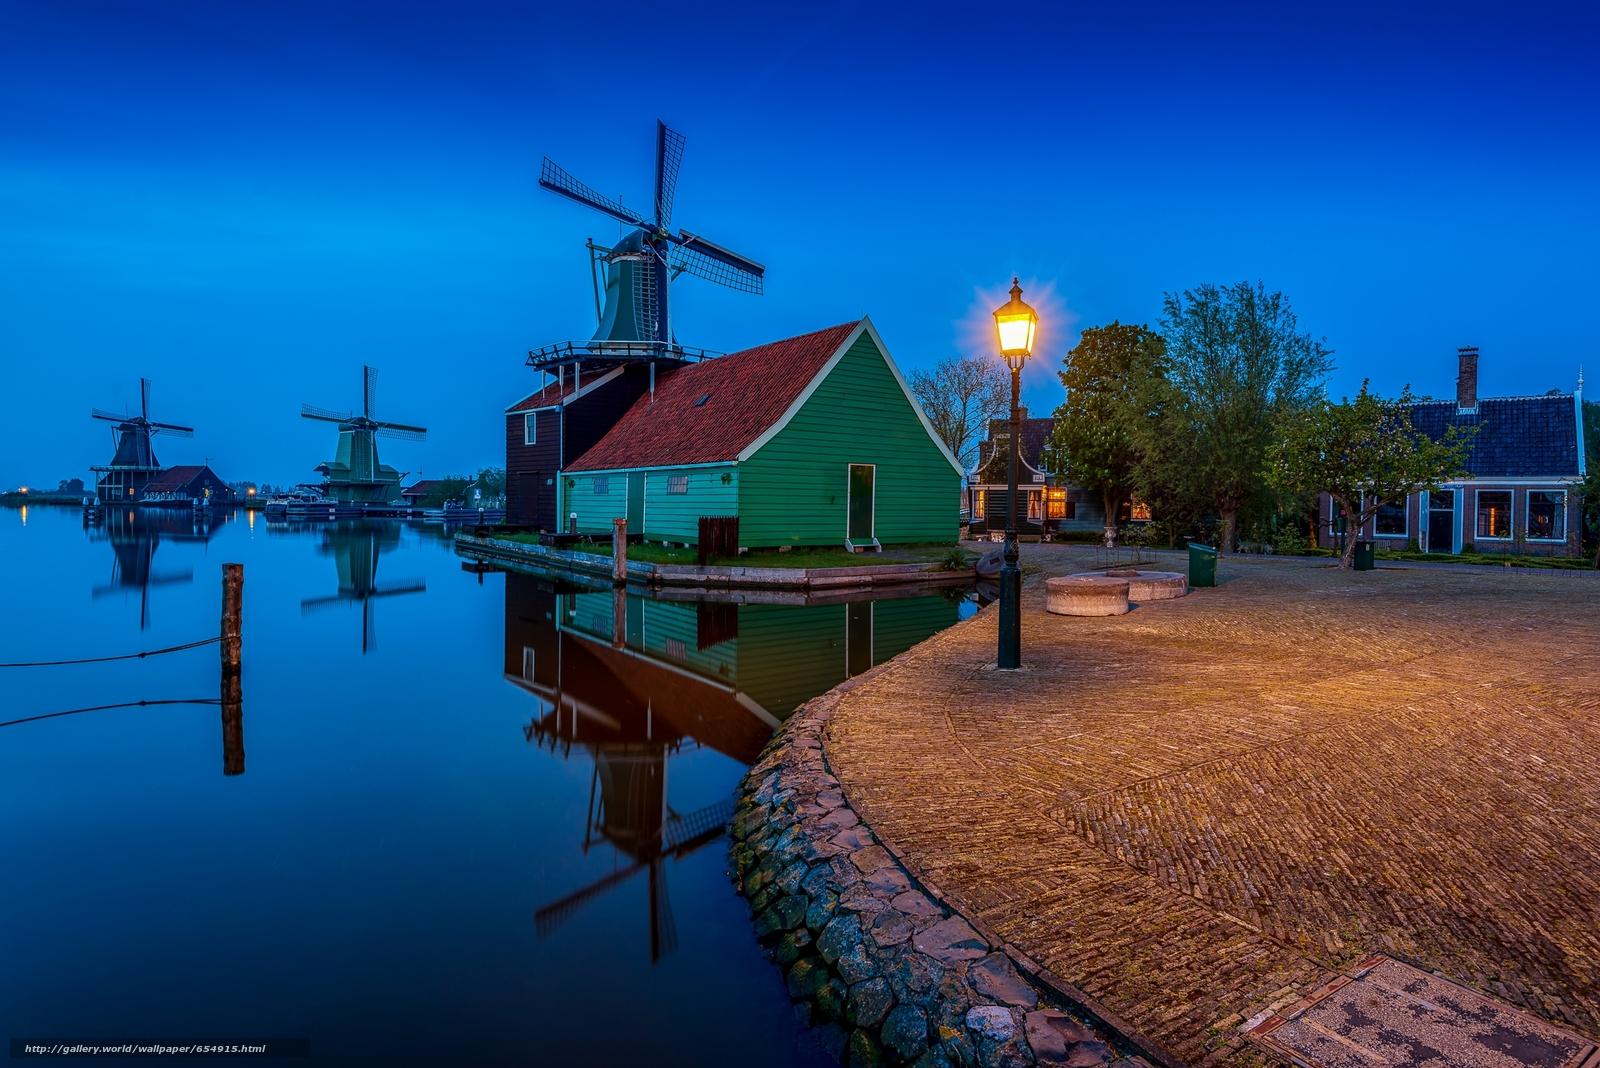 Скачать обои деревня Заансе Сханс,  Нидерланды,  закат,  пейзаж бесплатно для рабочего стола в разрешении 2048x1367 — картинка №654915